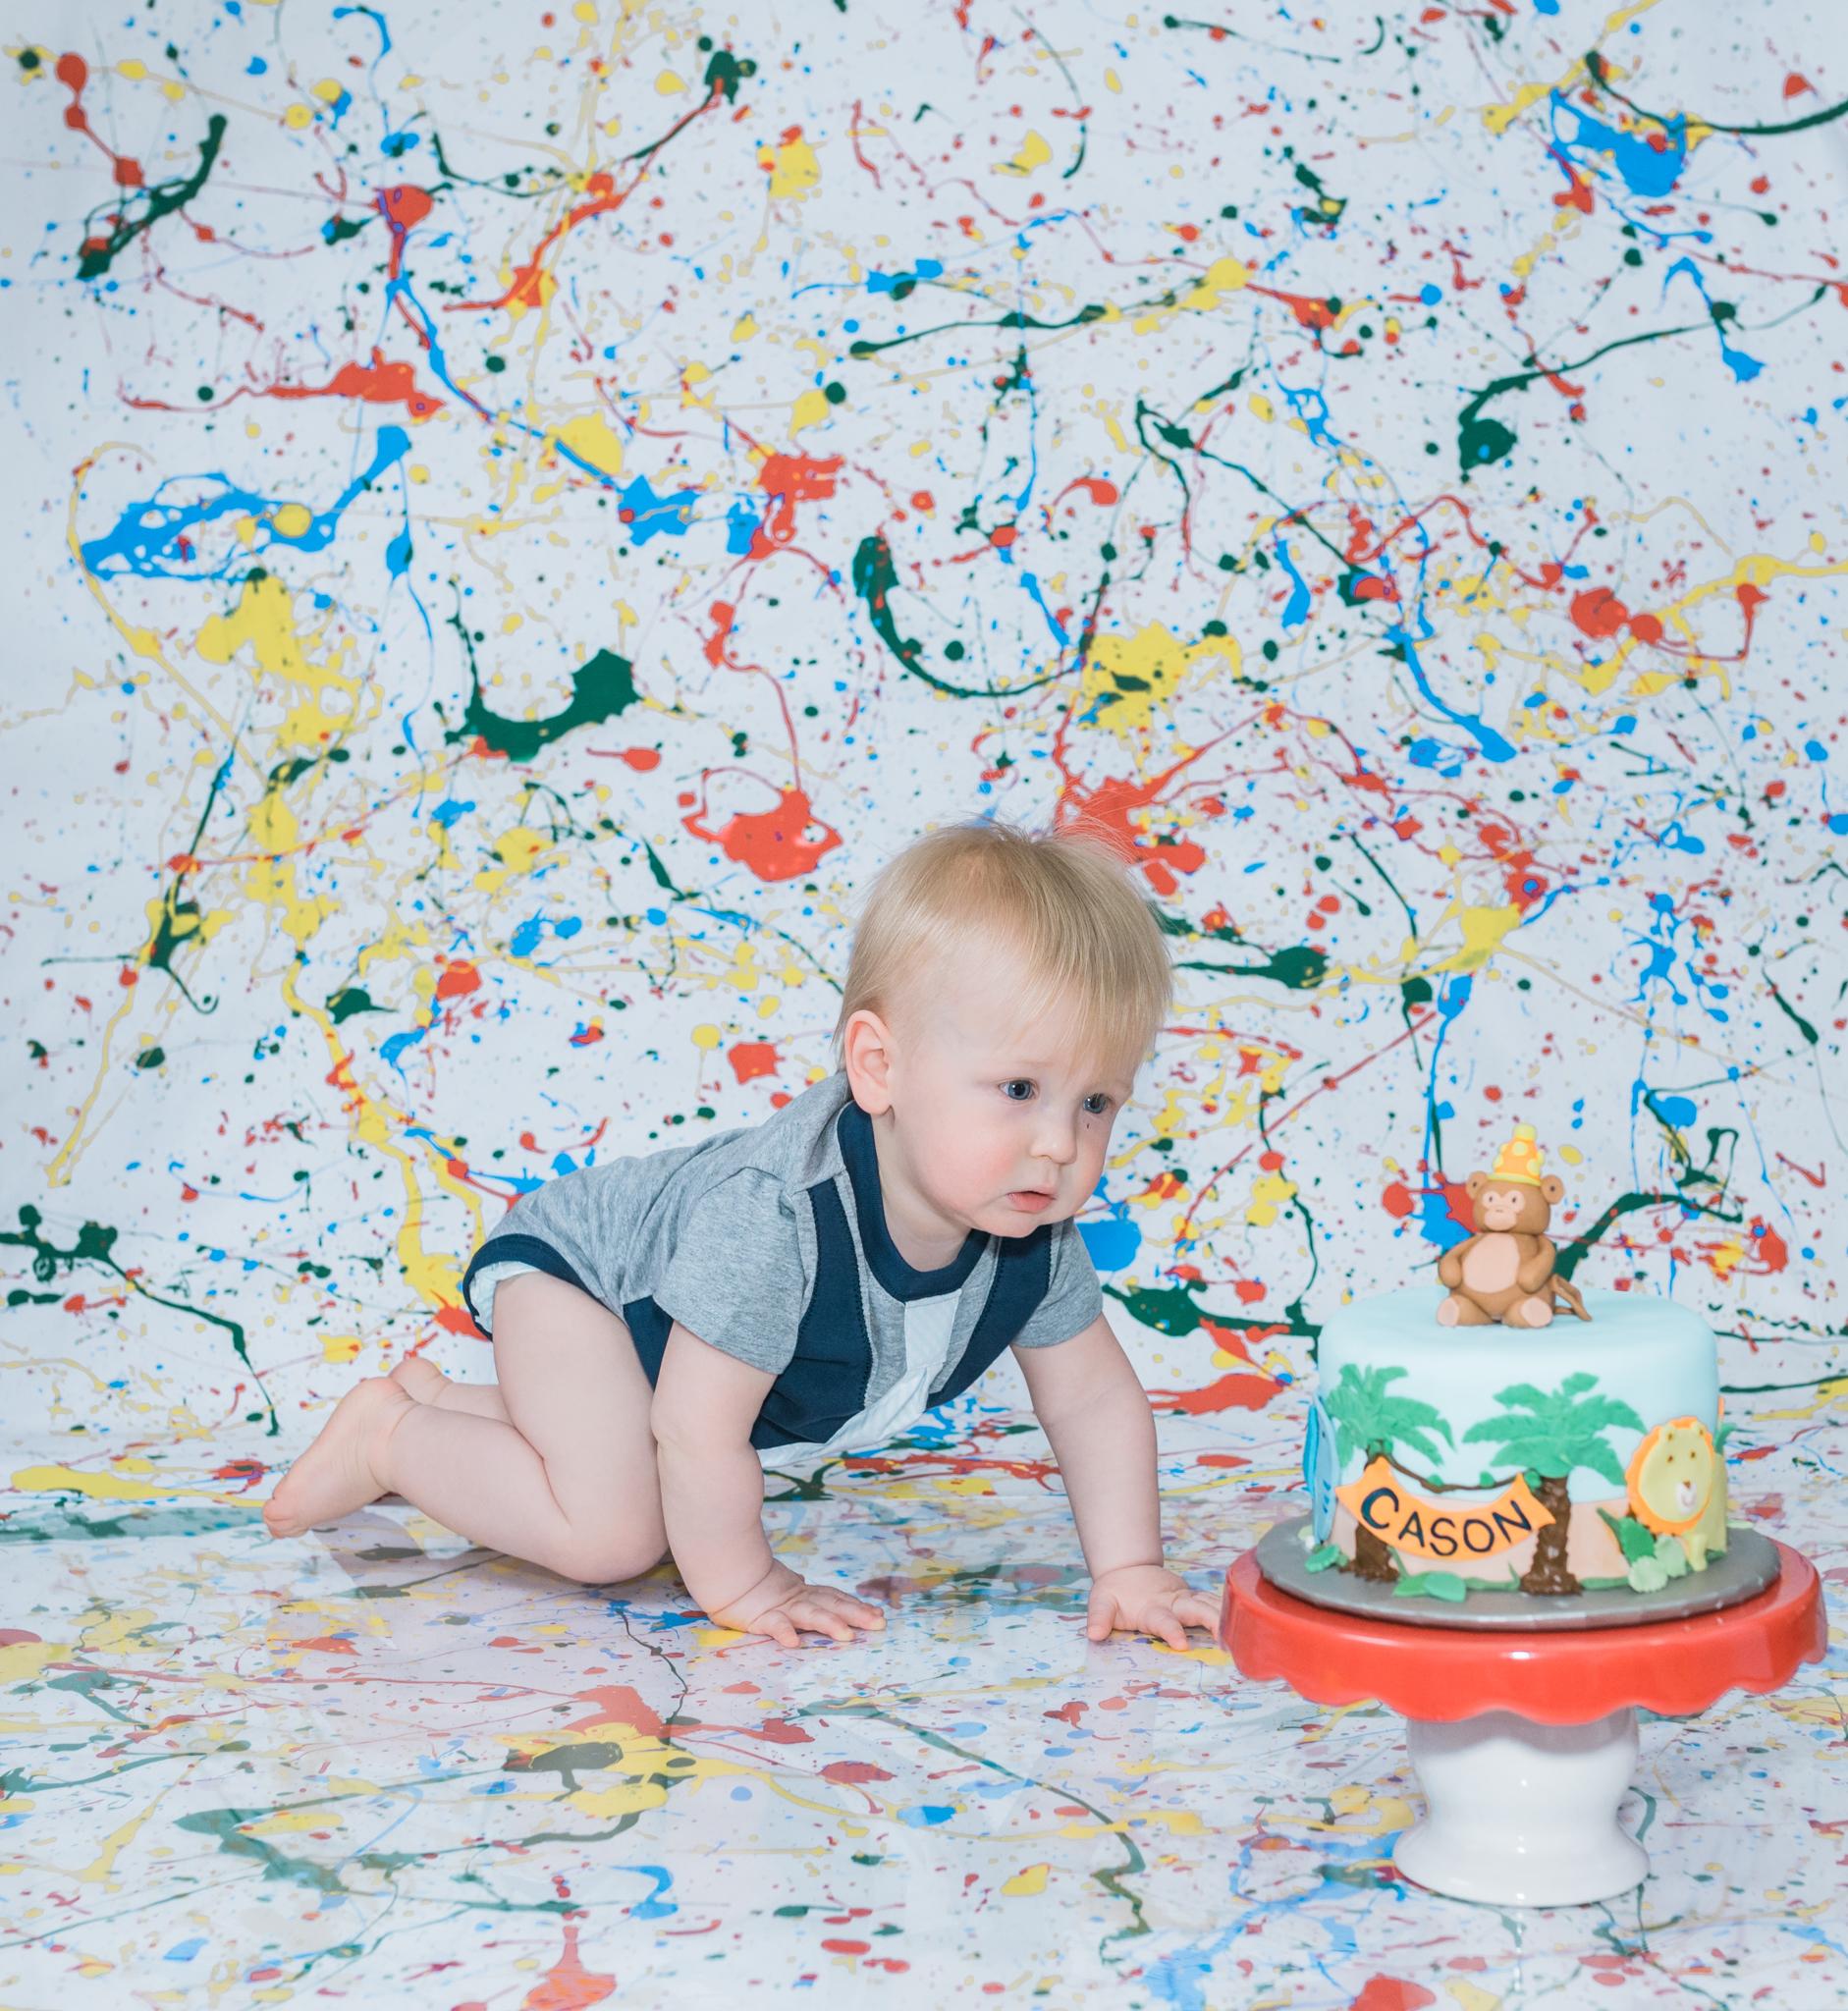 cakesmashfb-6027.jpg